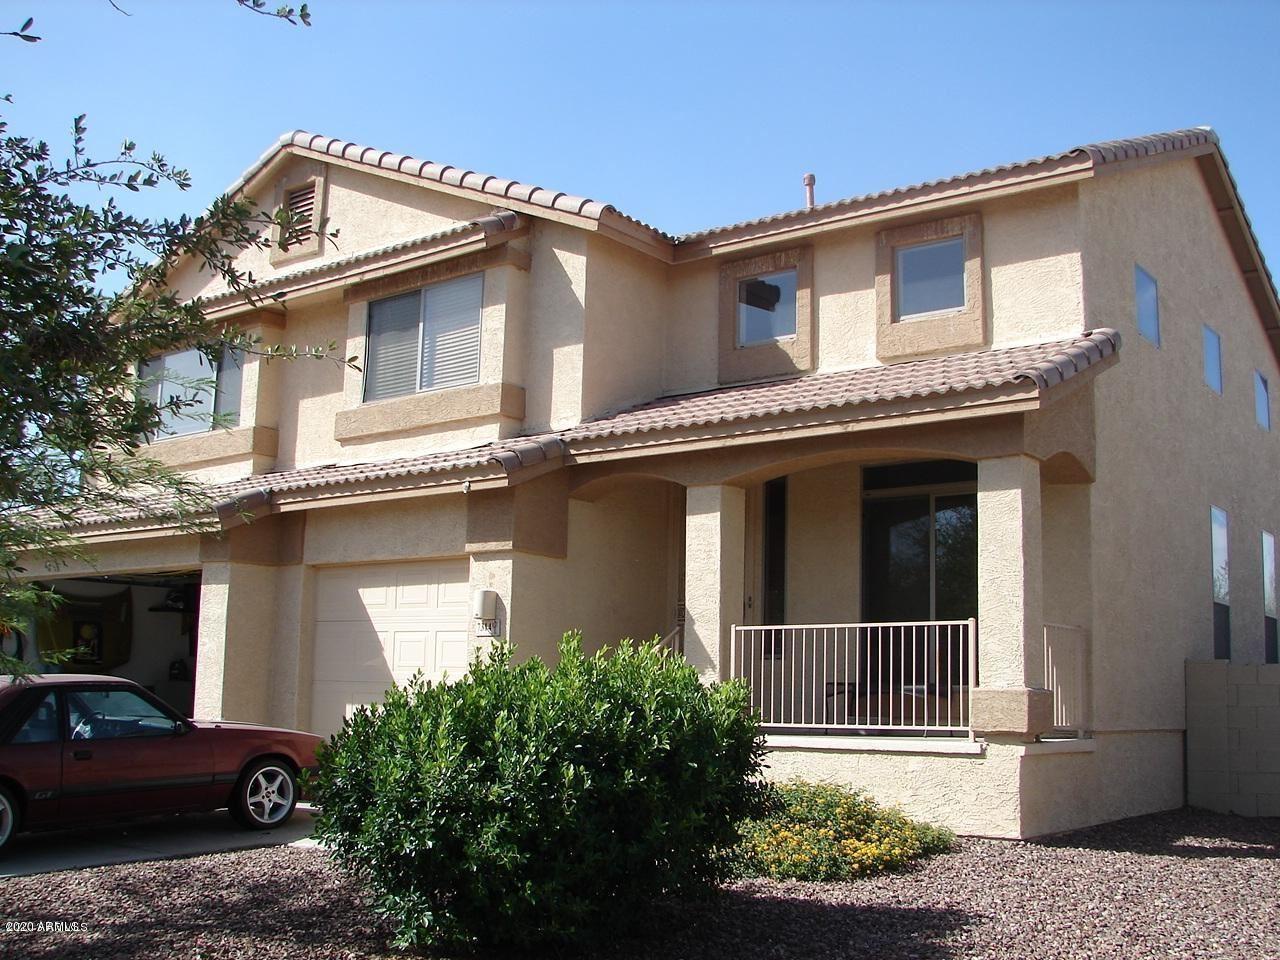 7314 S 15TH Lane, Phoenix, AZ 85041 - MLS#: 6132165